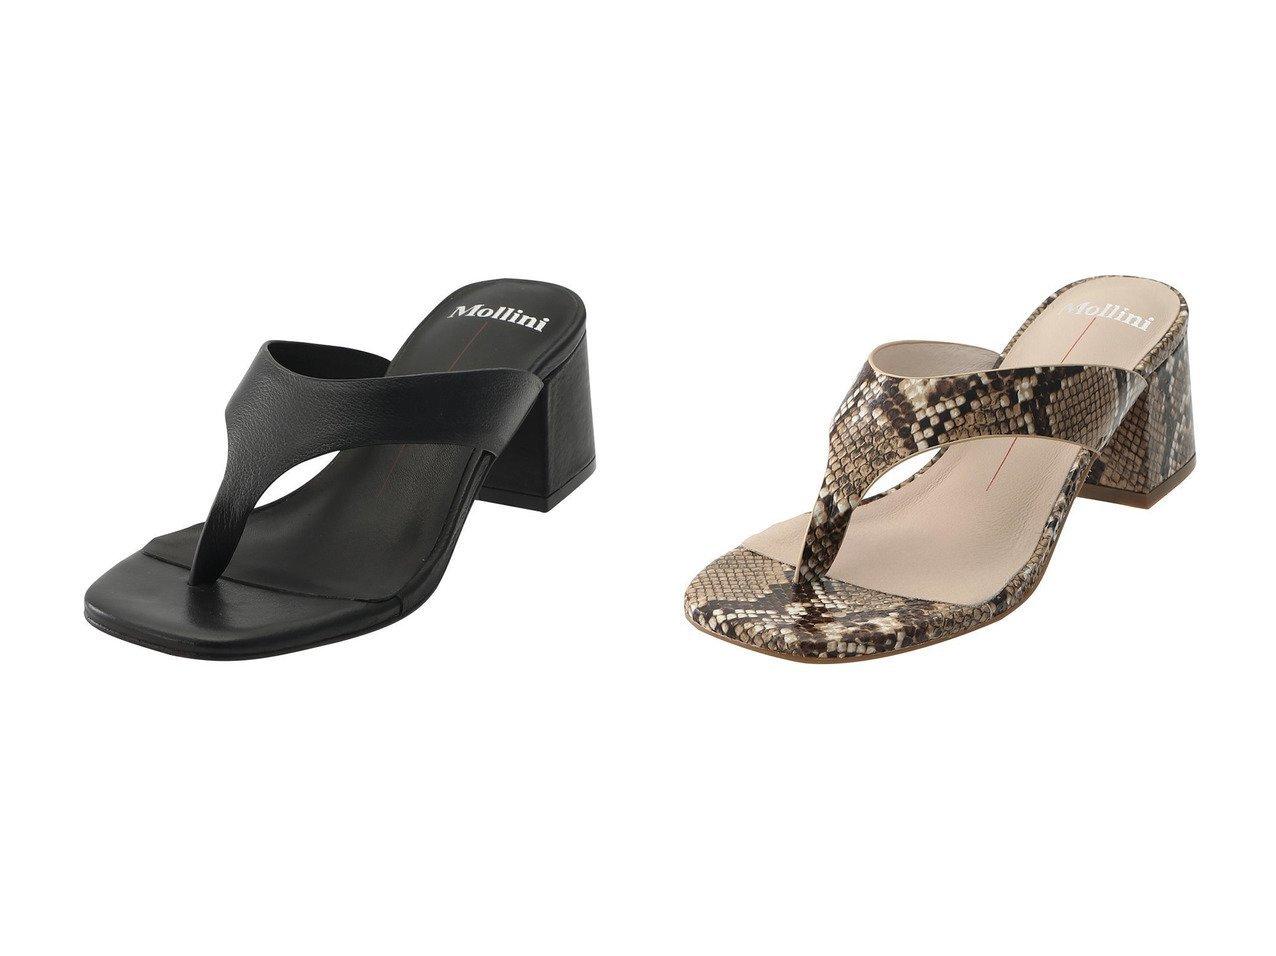 【JET/ジェット】の【Mollini】トングサンダル 【シューズ・靴】おすすめ!人気、トレンド・レディースファッションの通販  おすすめで人気の流行・トレンド、ファッションの通販商品 メンズファッション・キッズファッション・インテリア・家具・レディースファッション・服の通販 founy(ファニー) https://founy.com/ ファッション Fashion レディースファッション WOMEN 2021年 2021 2021 春夏 S/S SS Spring/Summer 2021 S/S 春夏 SS Spring/Summer なめらか エレガント サンダル 春 Spring |ID:crp329100000025511